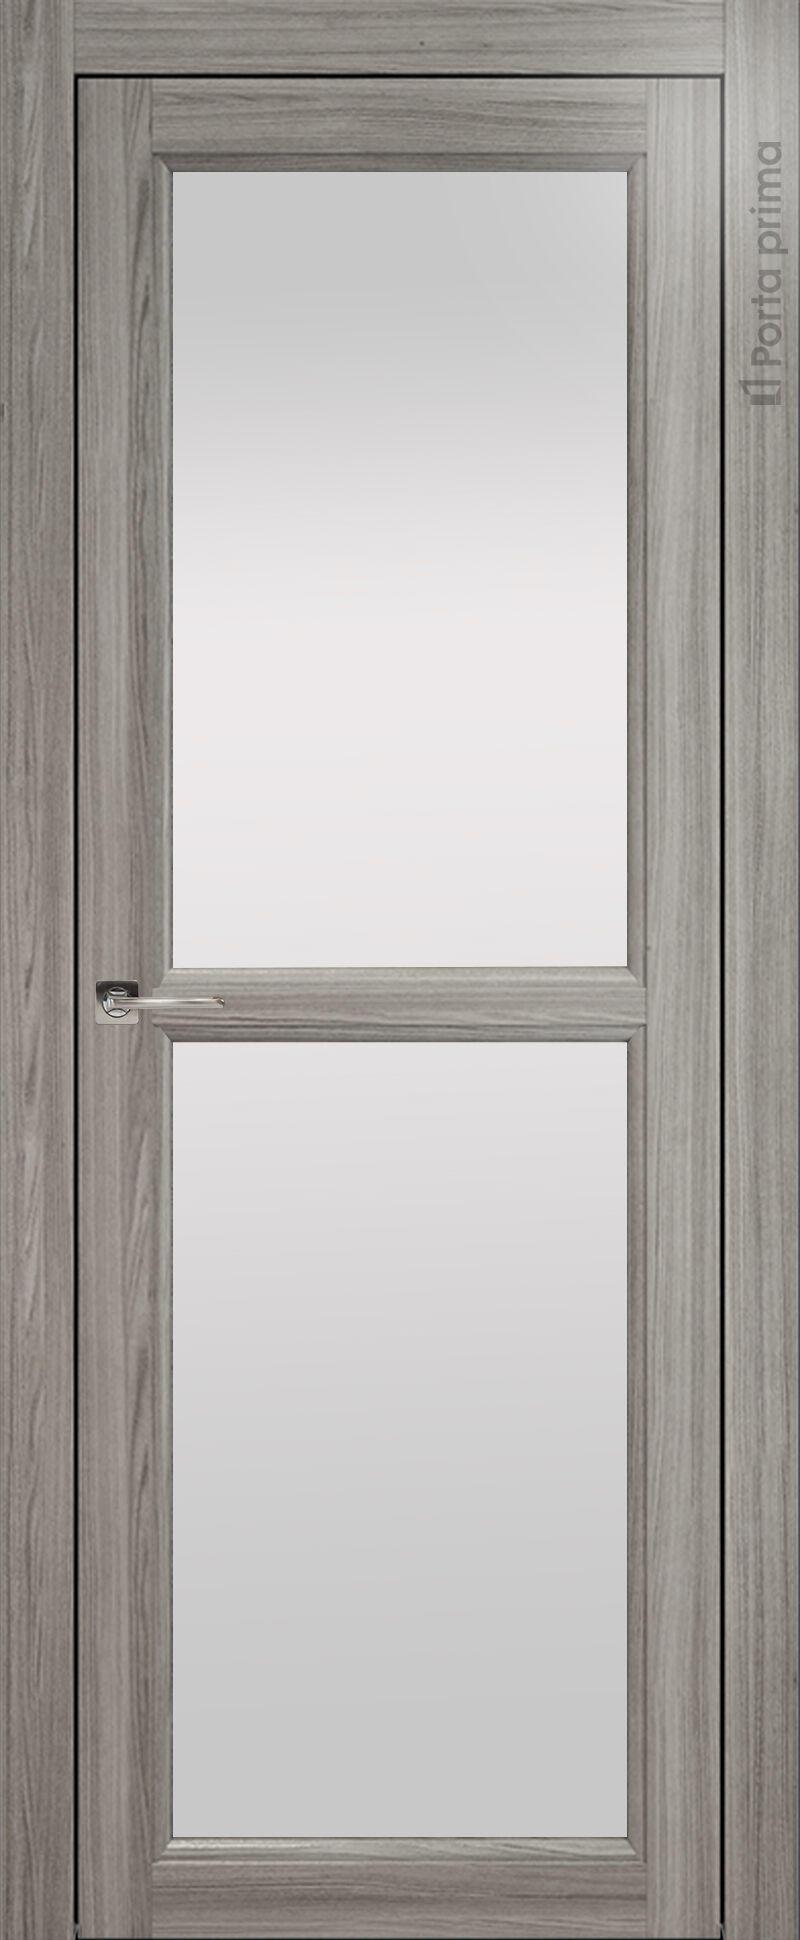 Sorrento-R В1 цвет - Орех пепельный Со стеклом (ДО)